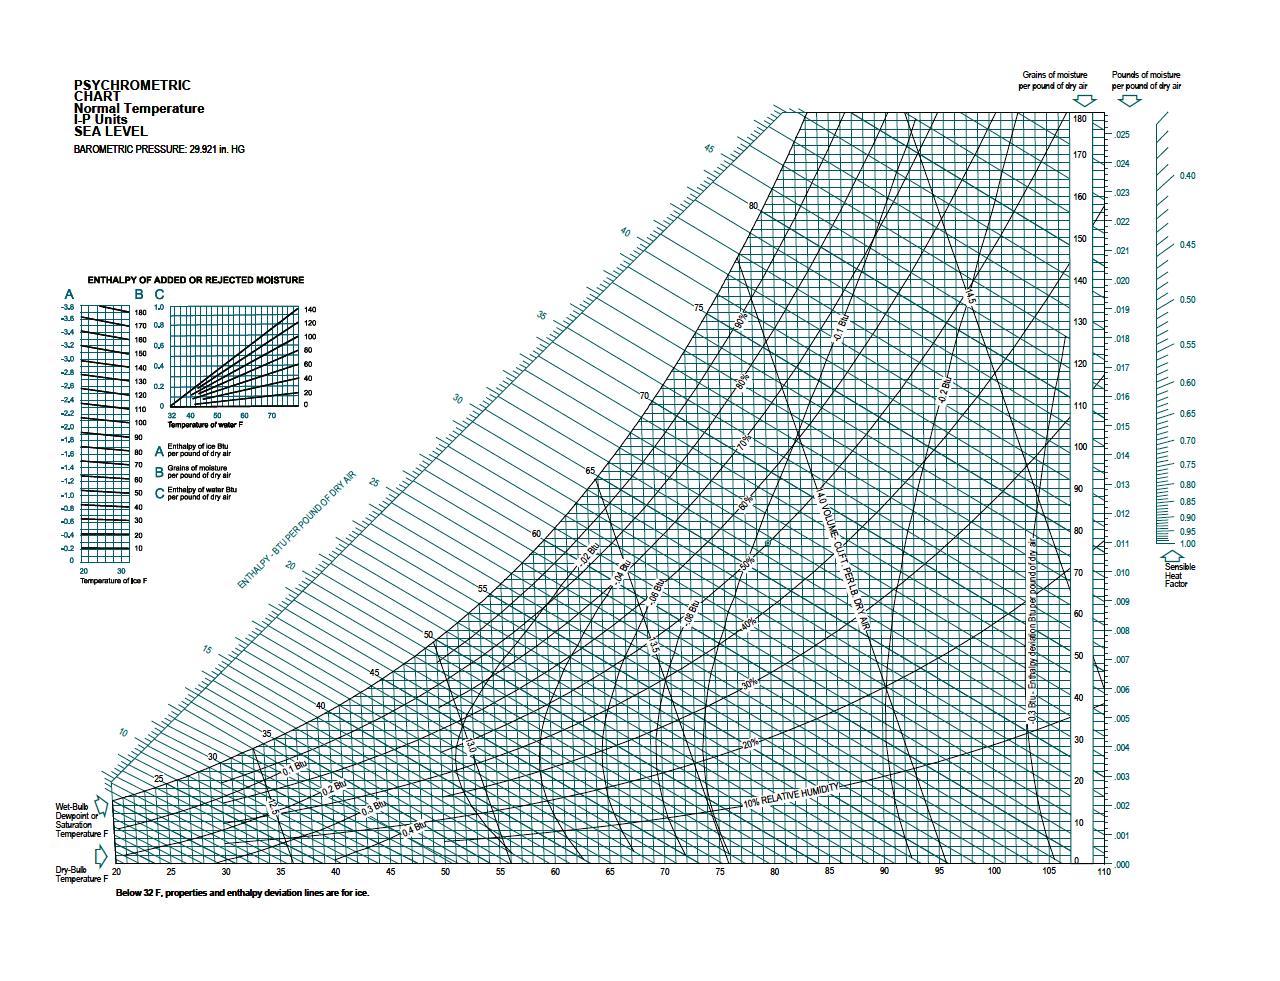 نمودار سایکرومتریک Imperial